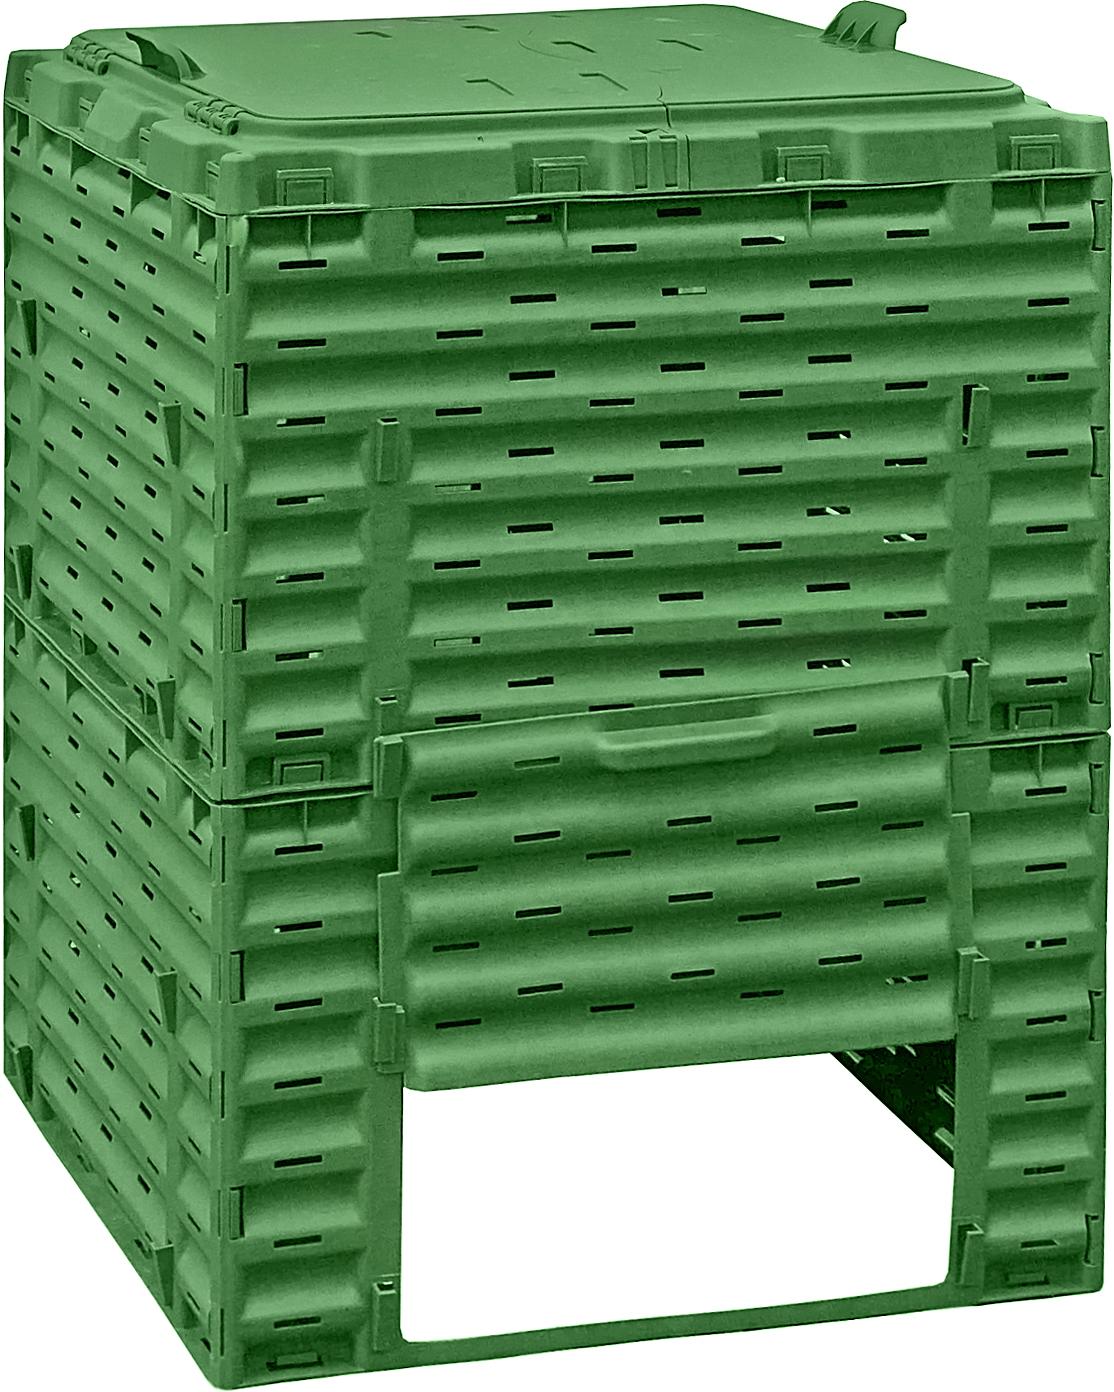 Предназначен для переработки растительных и пищевых отходов в экологически чистый перегной.Объём: 300 лМатериал: морозоустойчивый пластикЦвет: зеленыйПроизводство: Россия